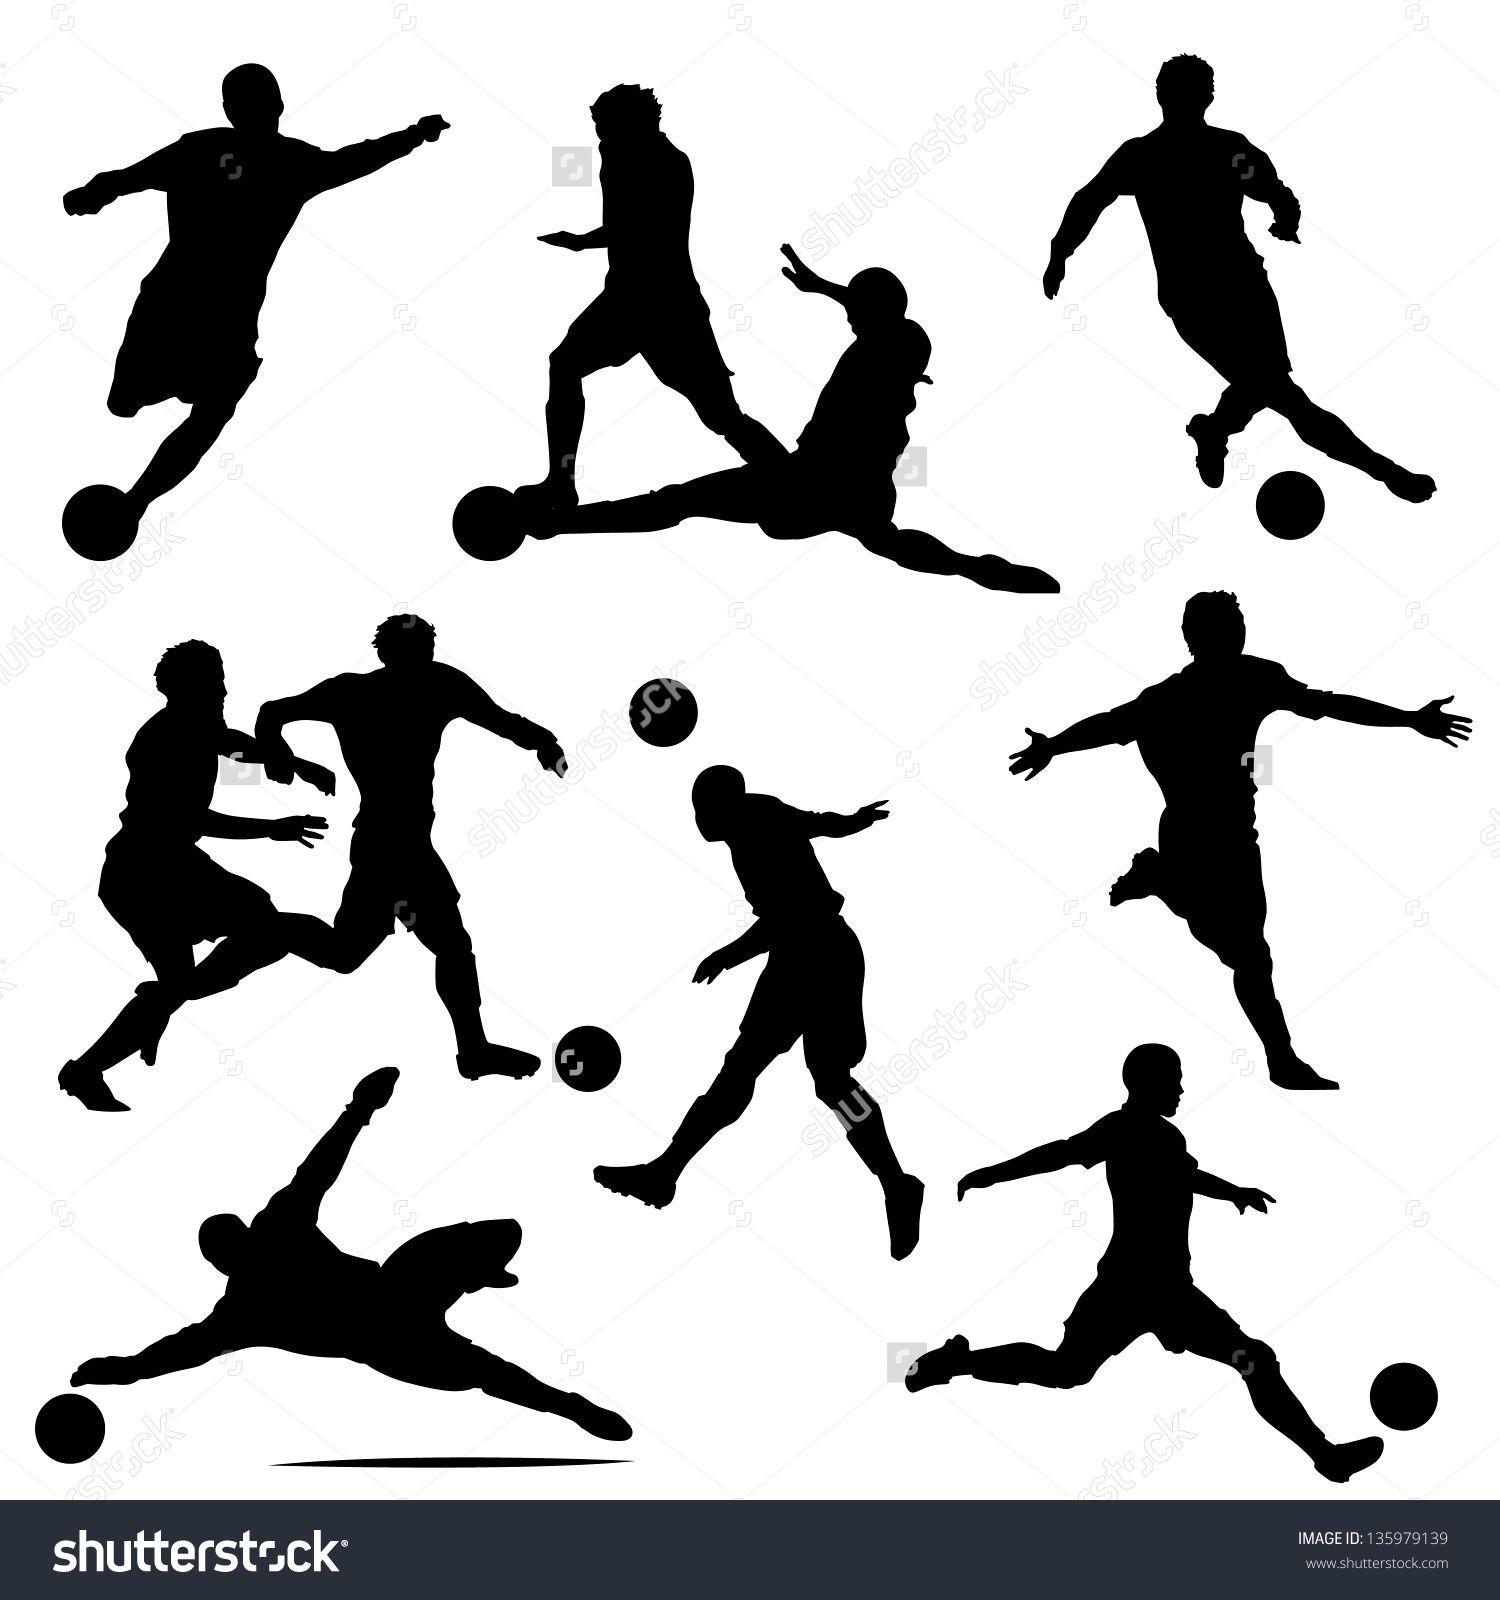 Soccer silhouette vector